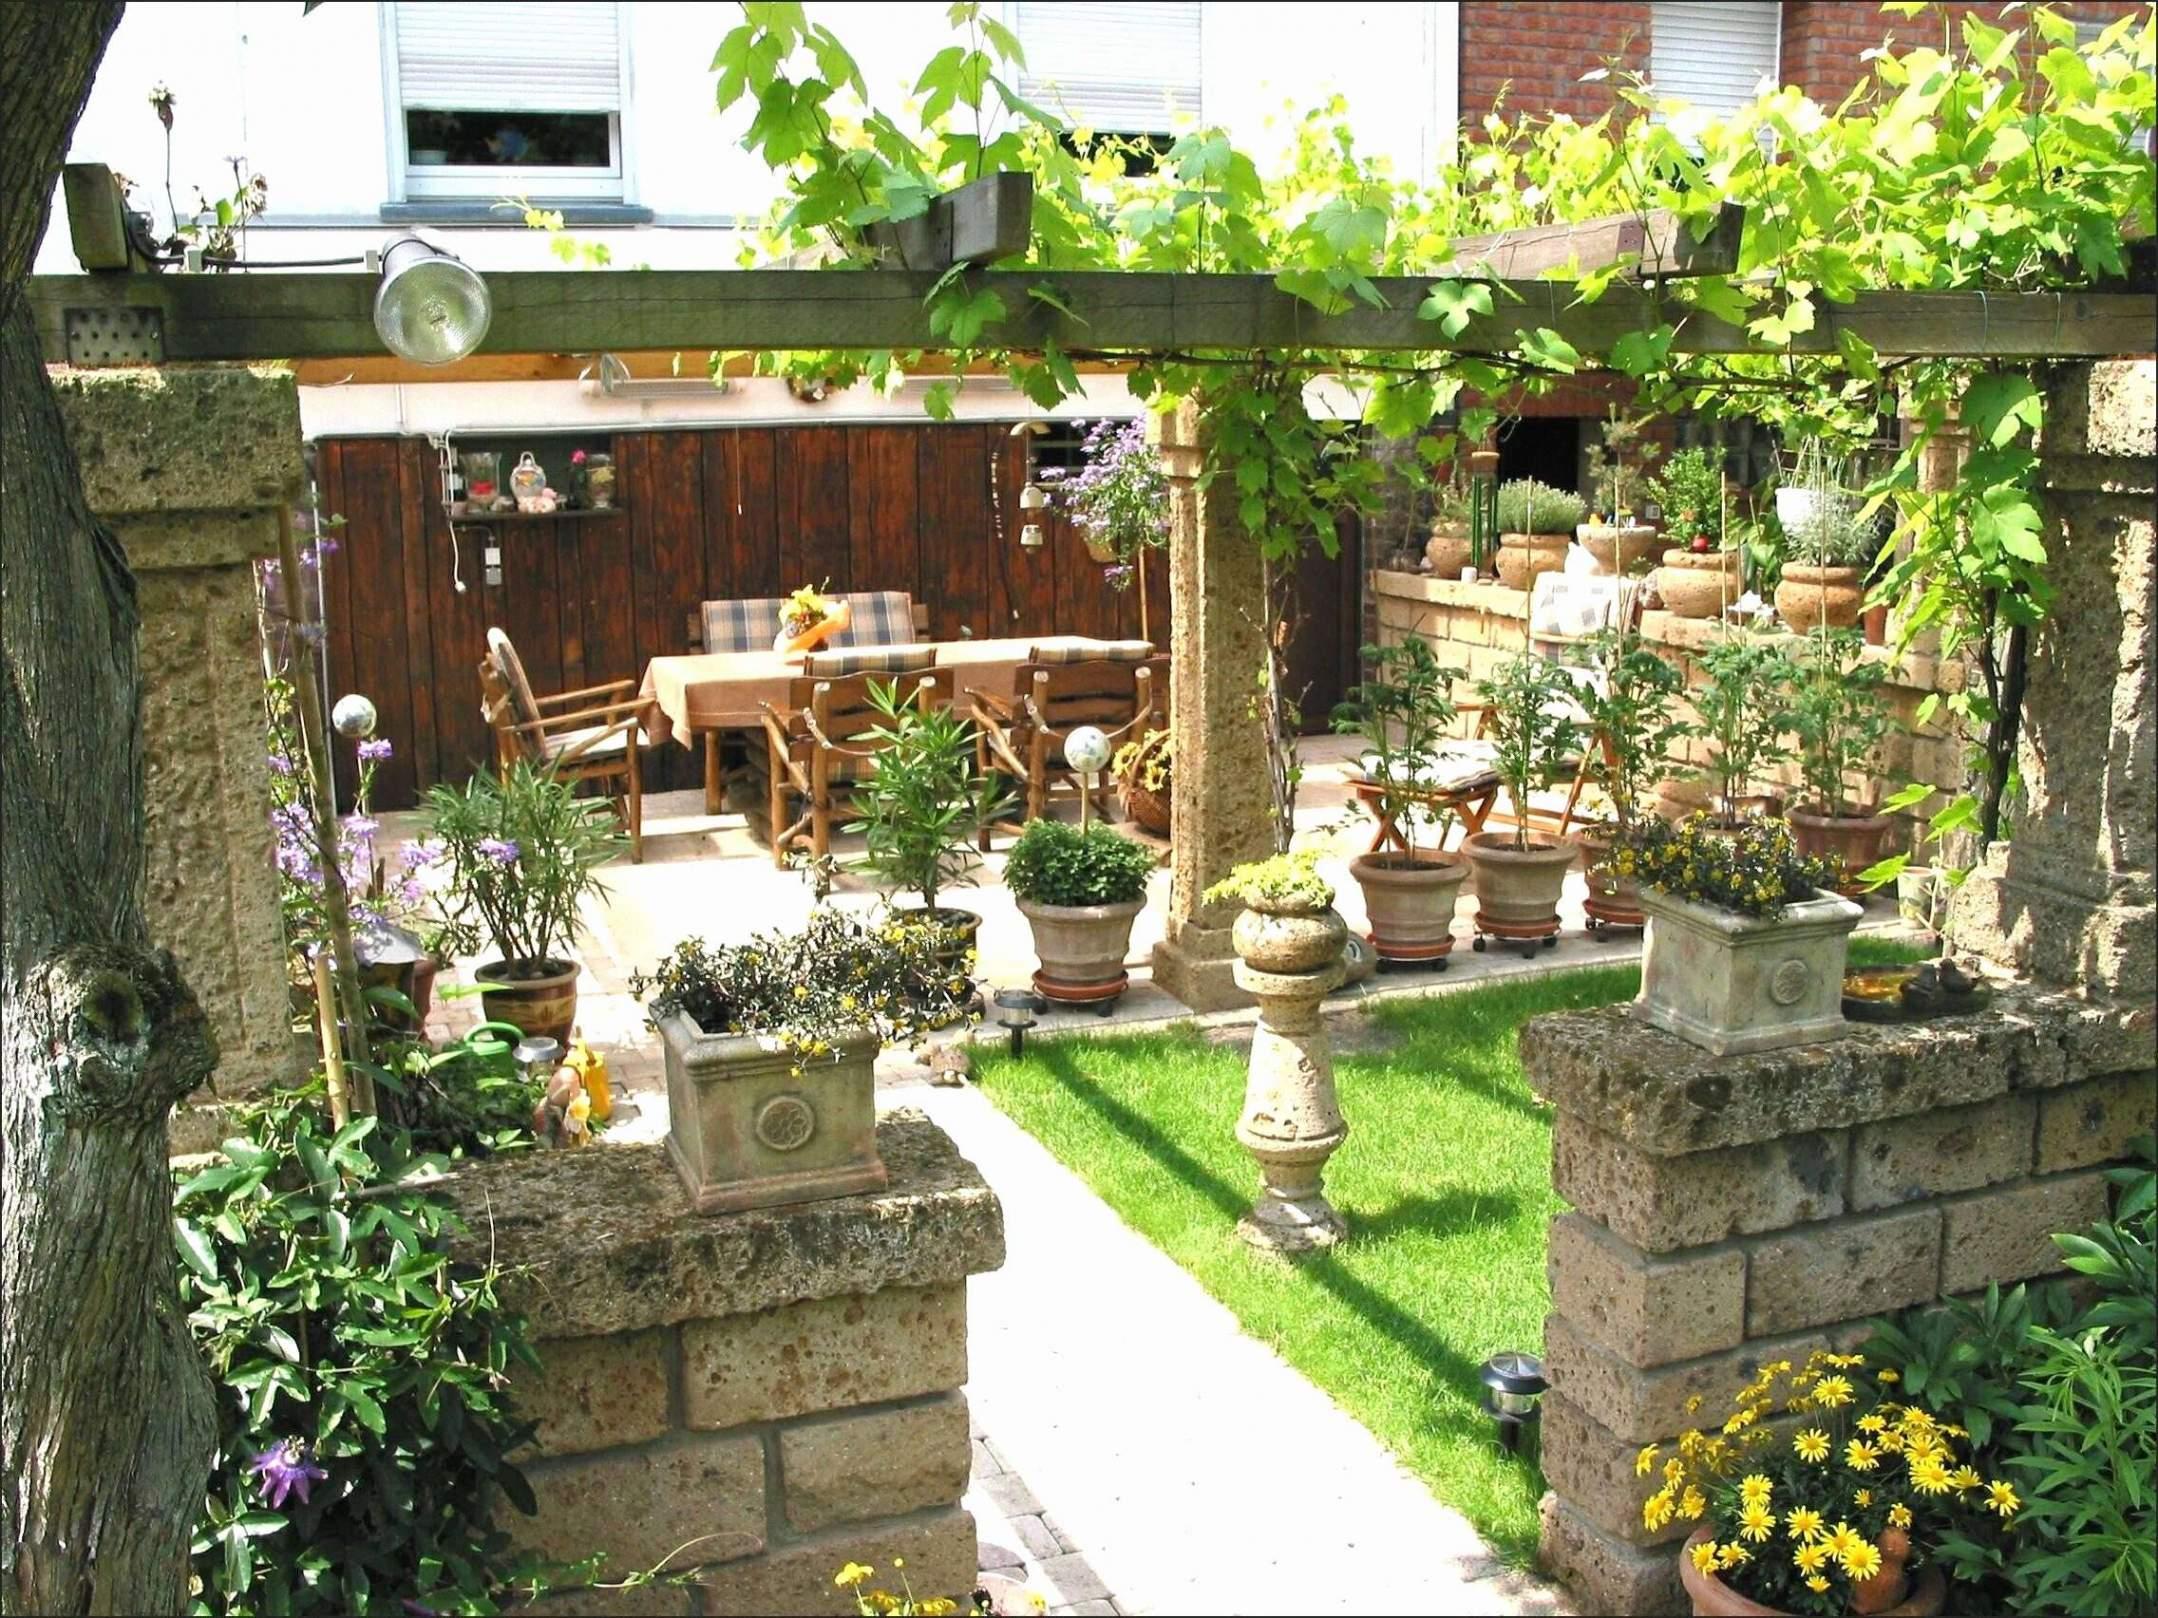 garten am hang ideen bilder das beste von terrasse am hang temobardz home blog of garten am hang ideen bilder